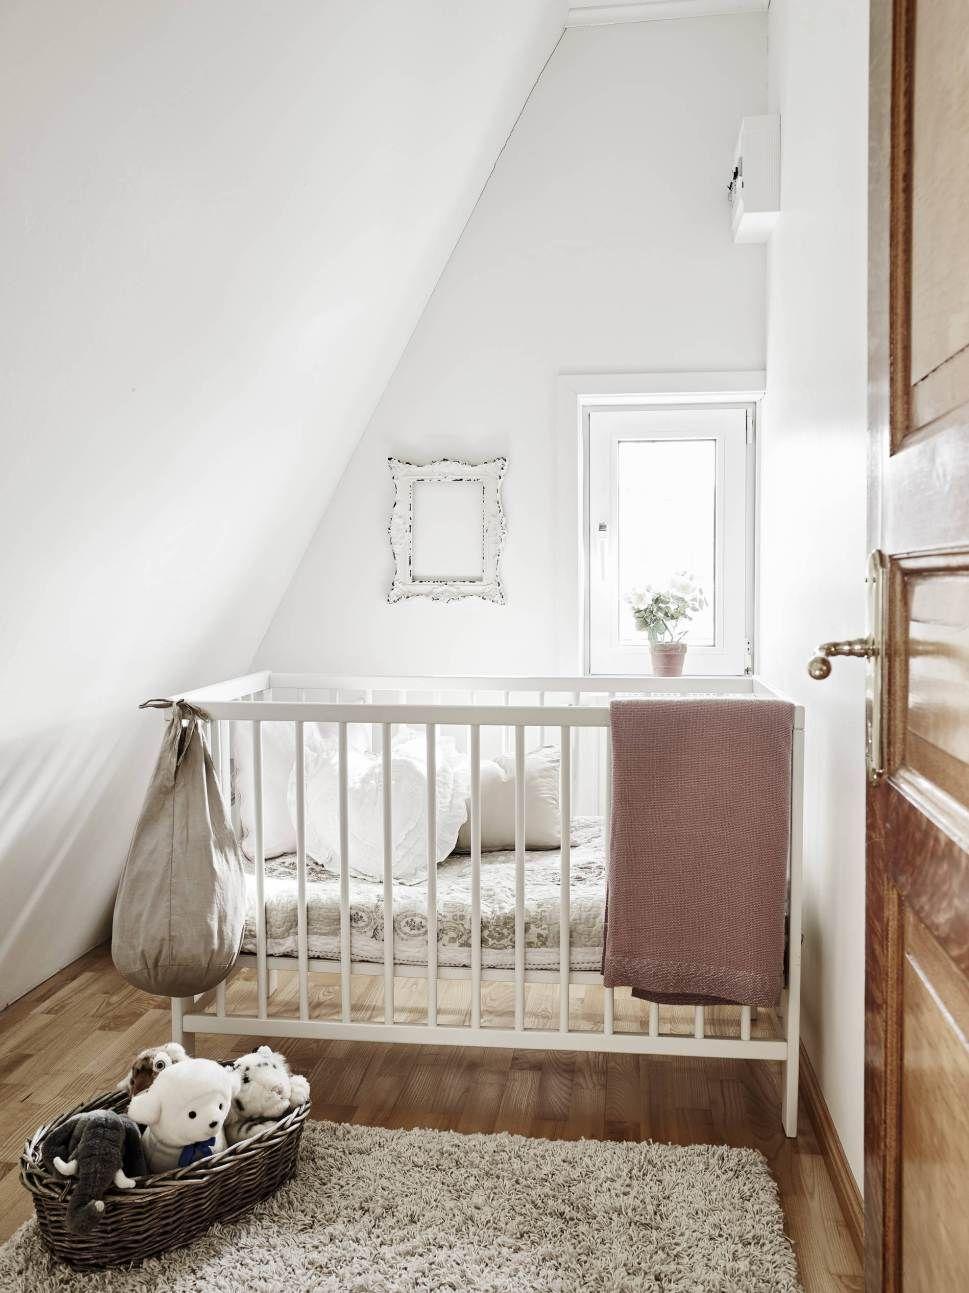 Objectif Deco Les Chambres D Enfant Planete Deco A Homes World Chambre Enfant Deco Idee Chambre Enfant